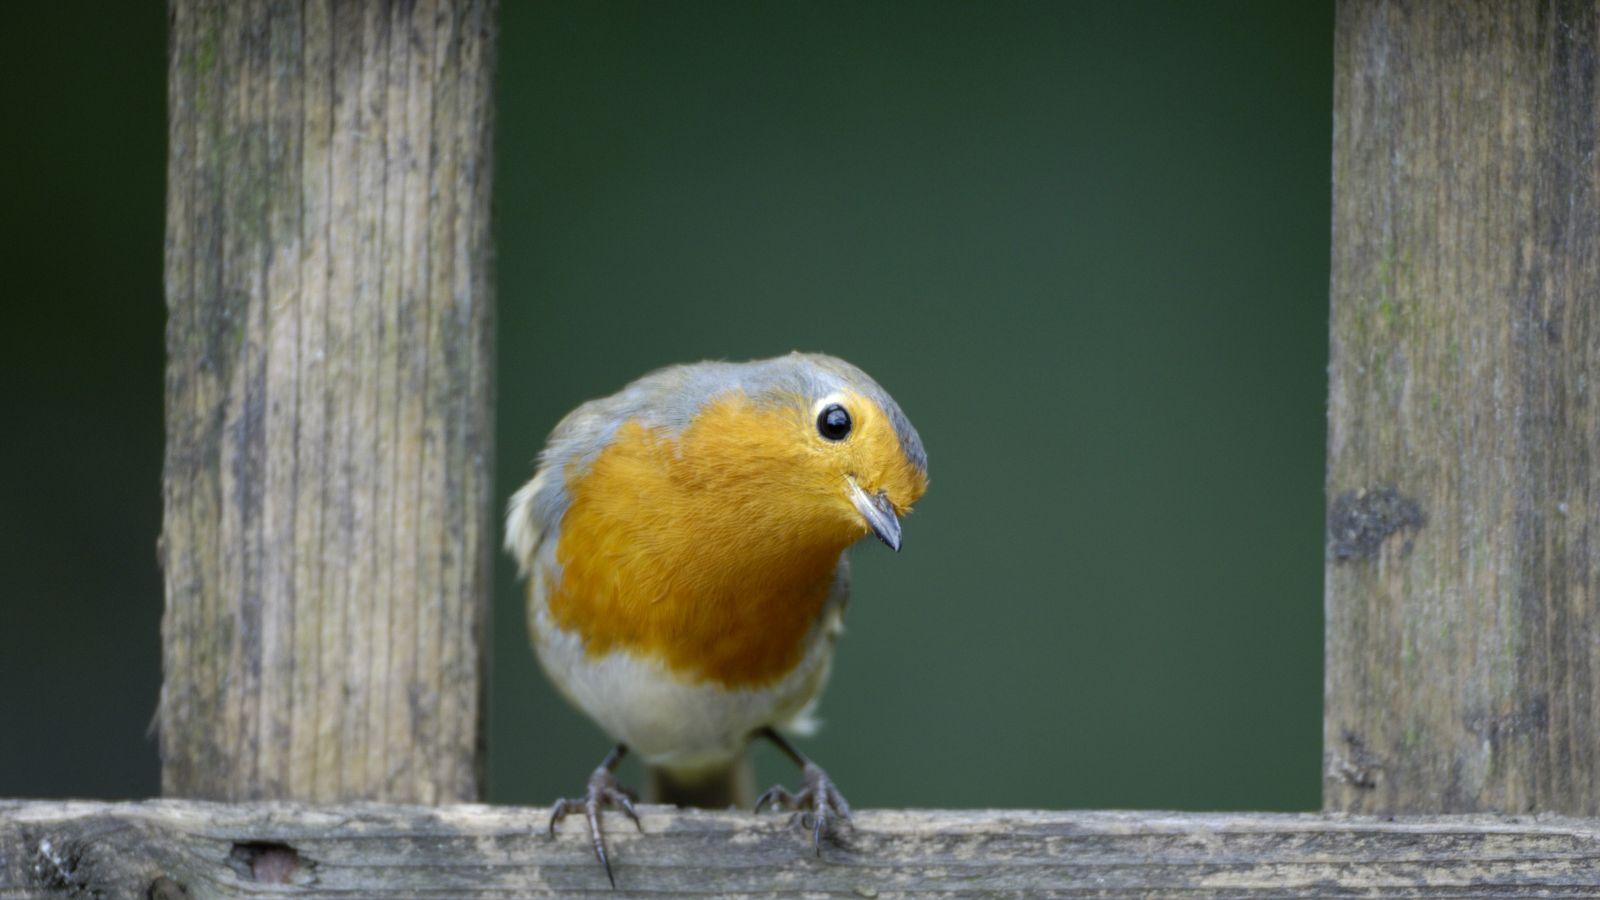 A robin, 'Erithacus rubecula', perched in garden trellis. The birds follow gardeners around hoping for worms ...